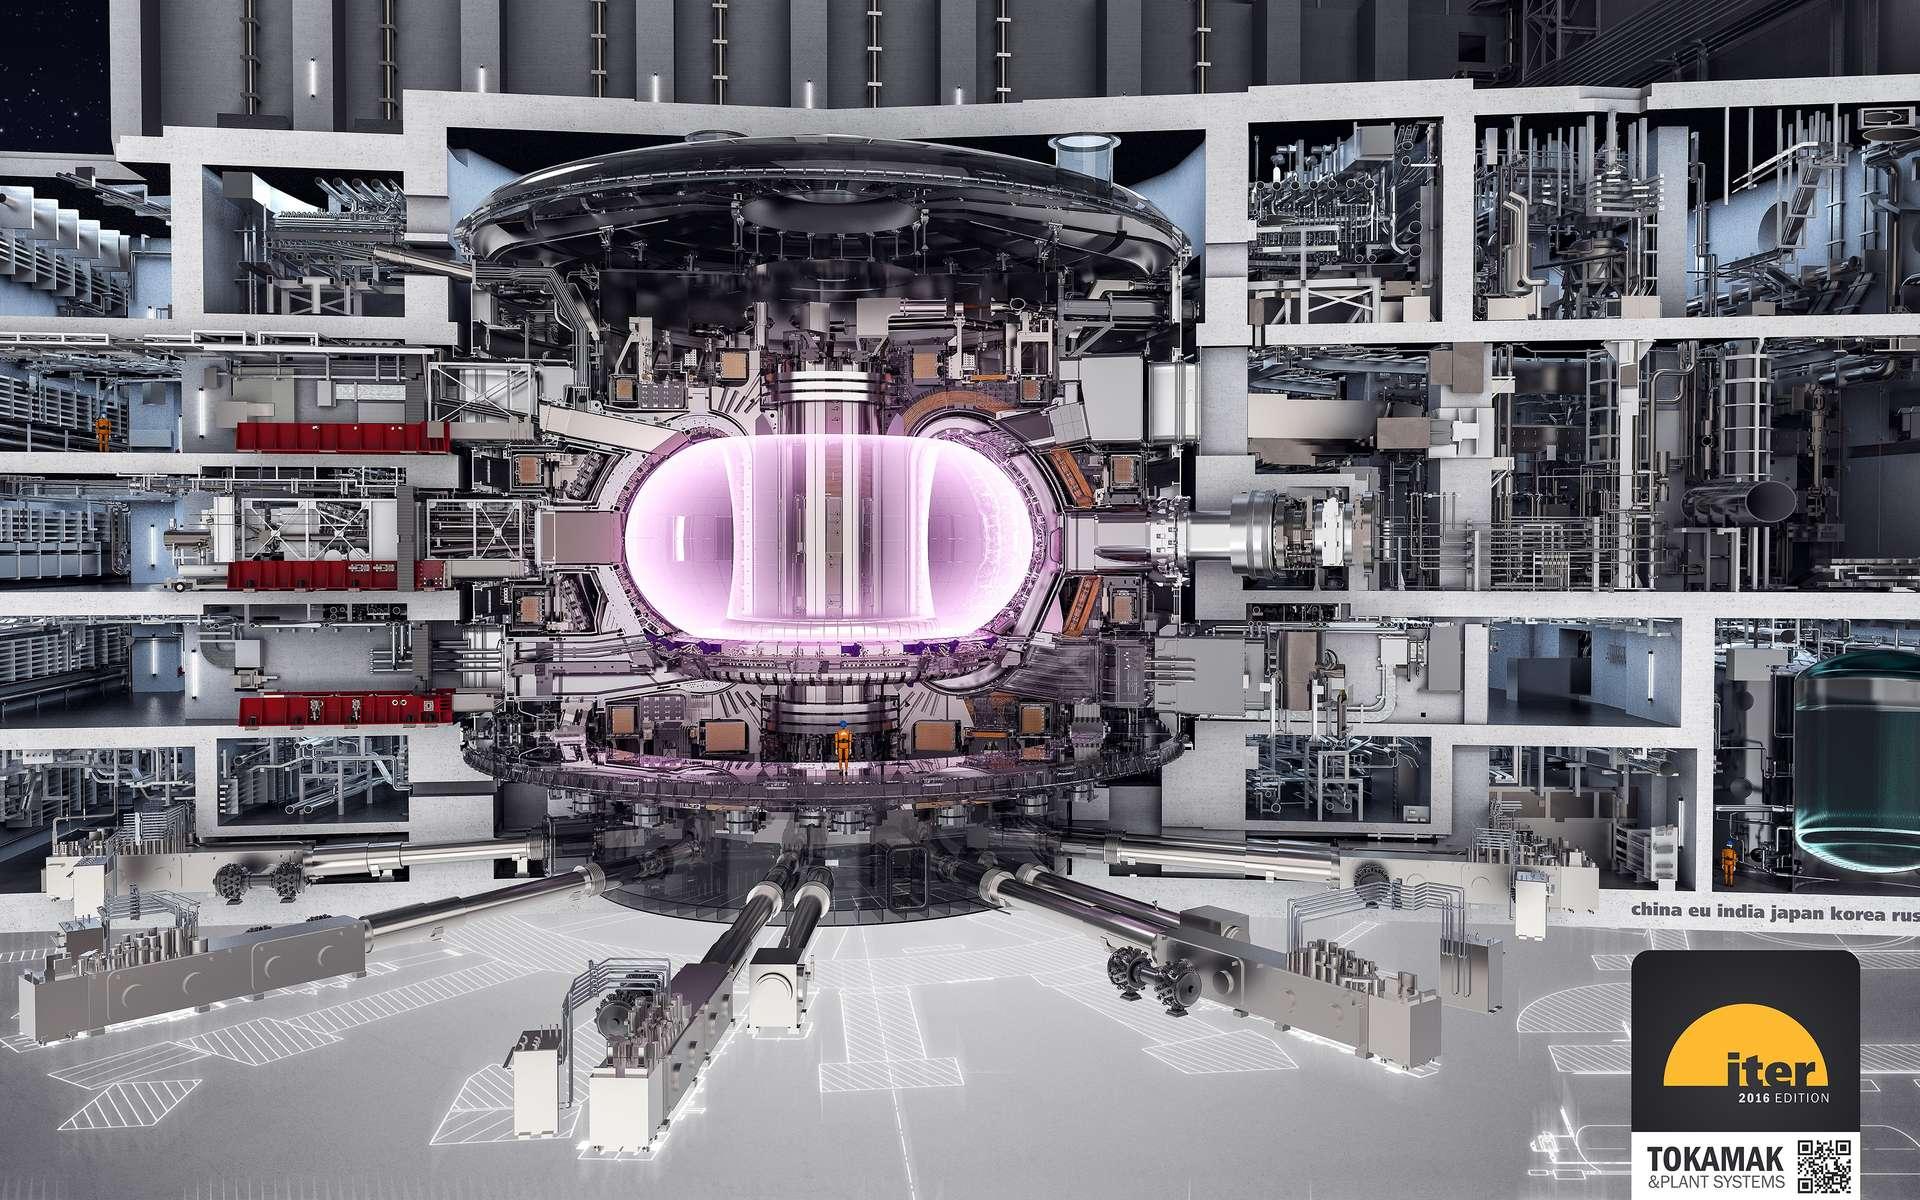 Une vue en coupe du réacteur Iter. Notez l'homme qui donne une idée de la taille de la machine. © Iter Organization